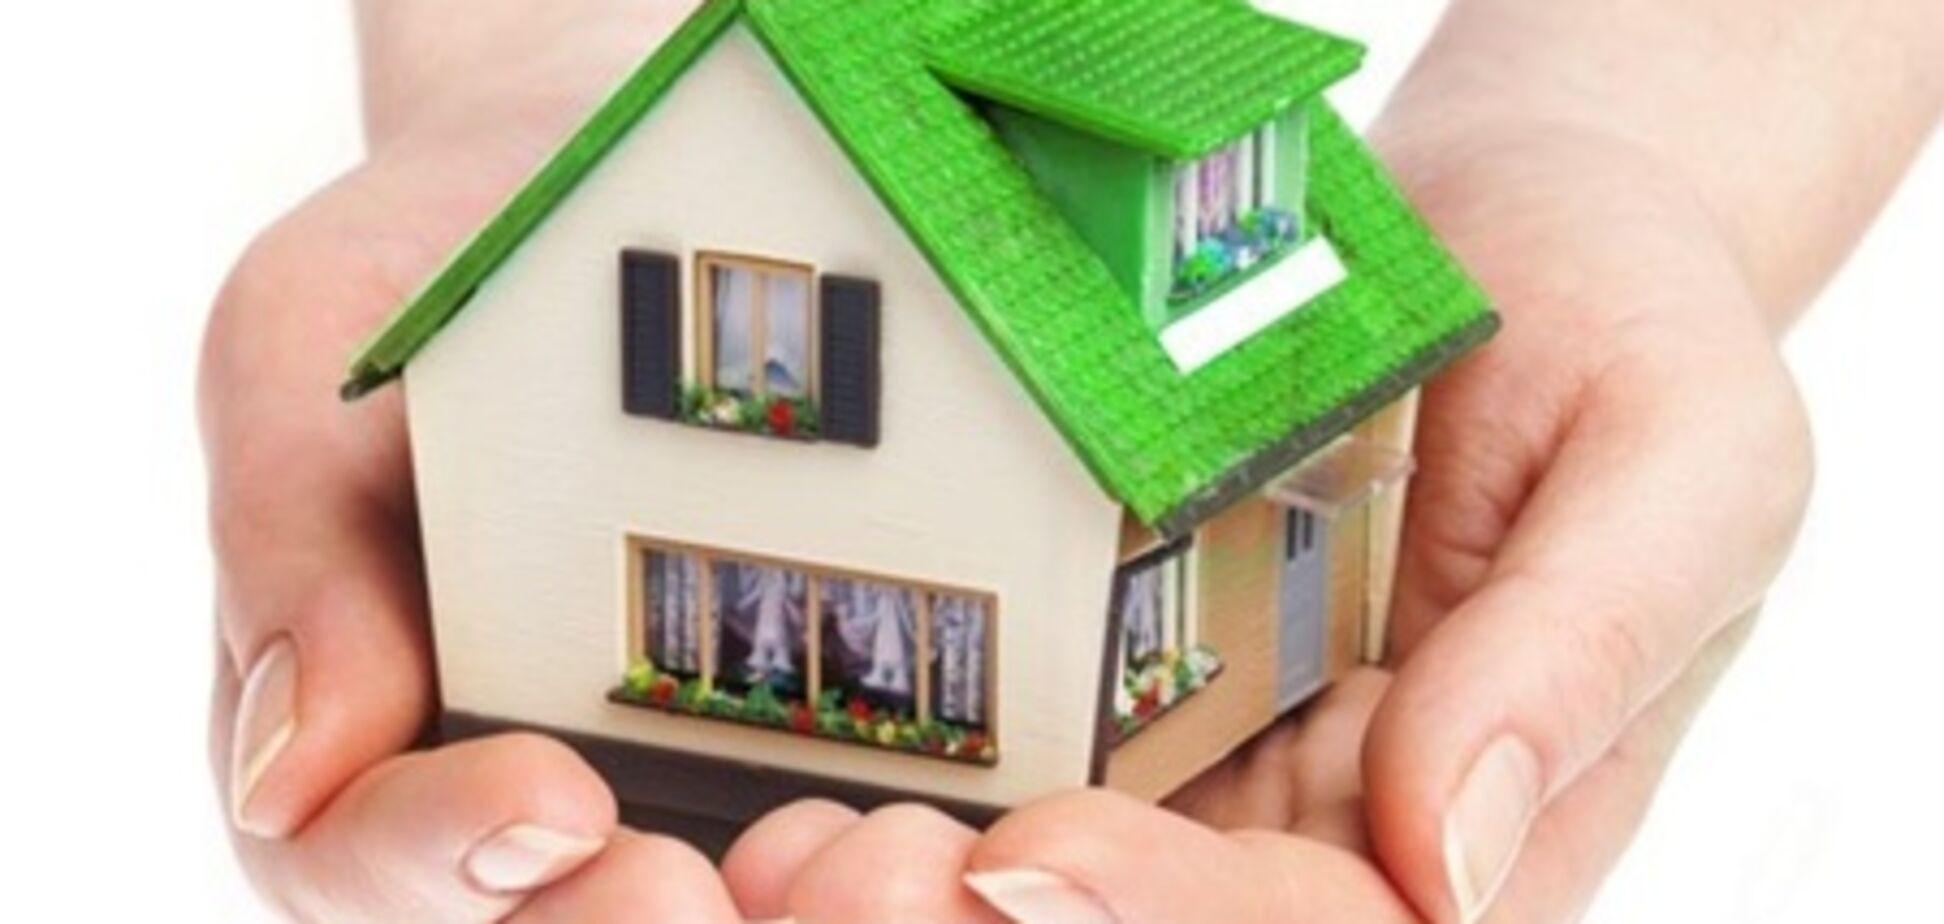 Рынок недвижимости: спокойствие, только спокойствие